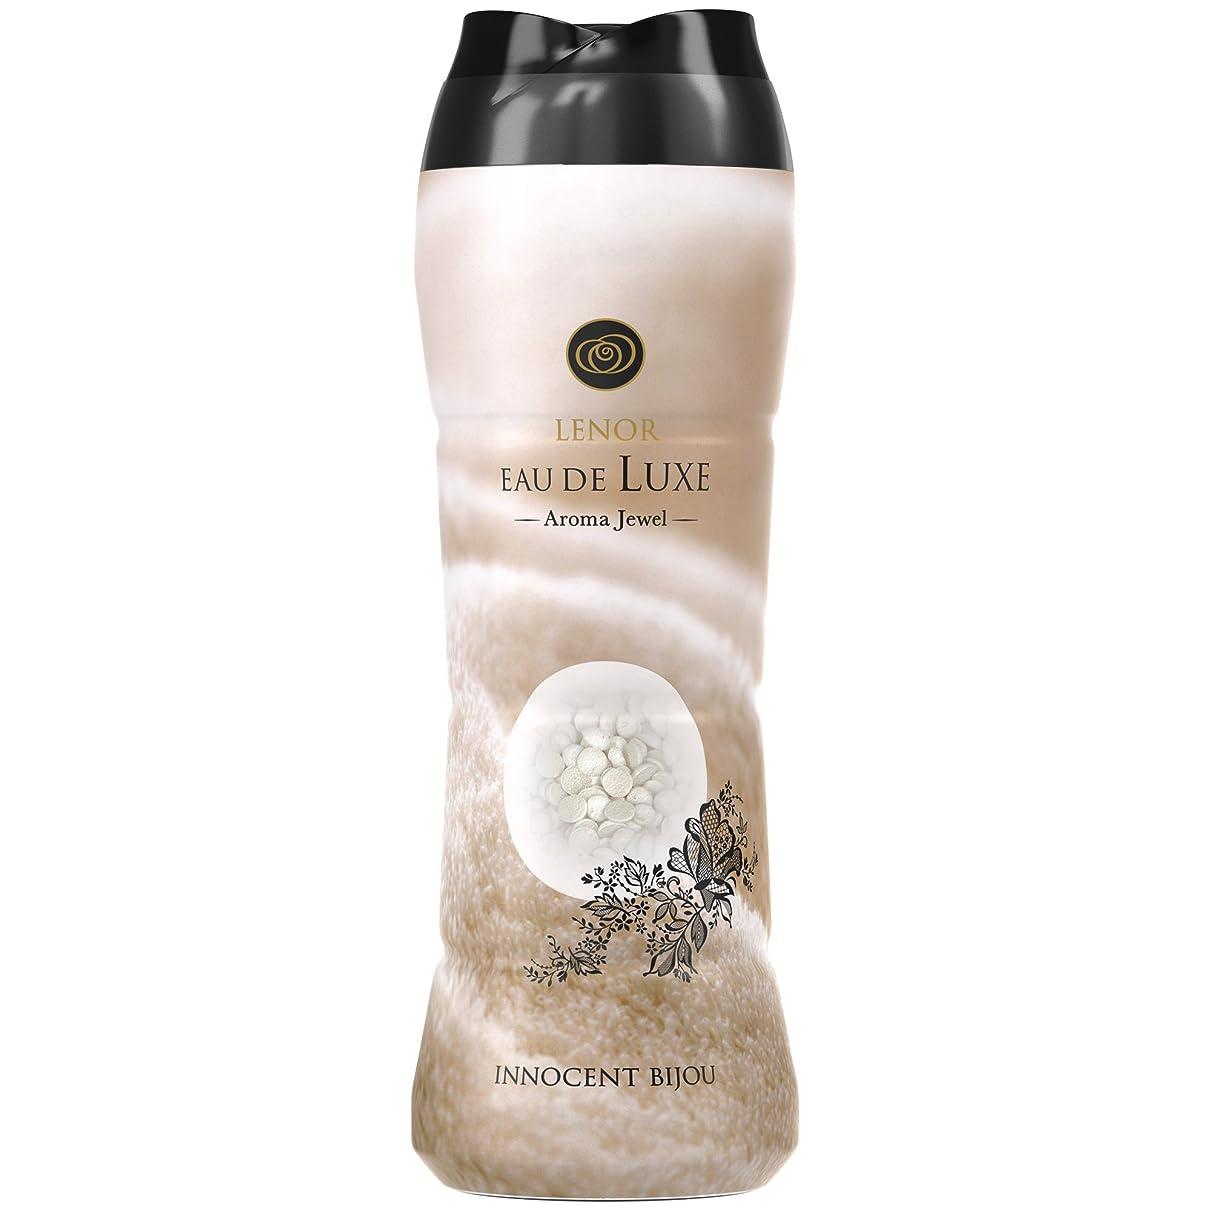 富アシスタント健全レノア オードリュクス アロマジュエル 香り付け専用ビーズ イノセントビジュの香り 520mL